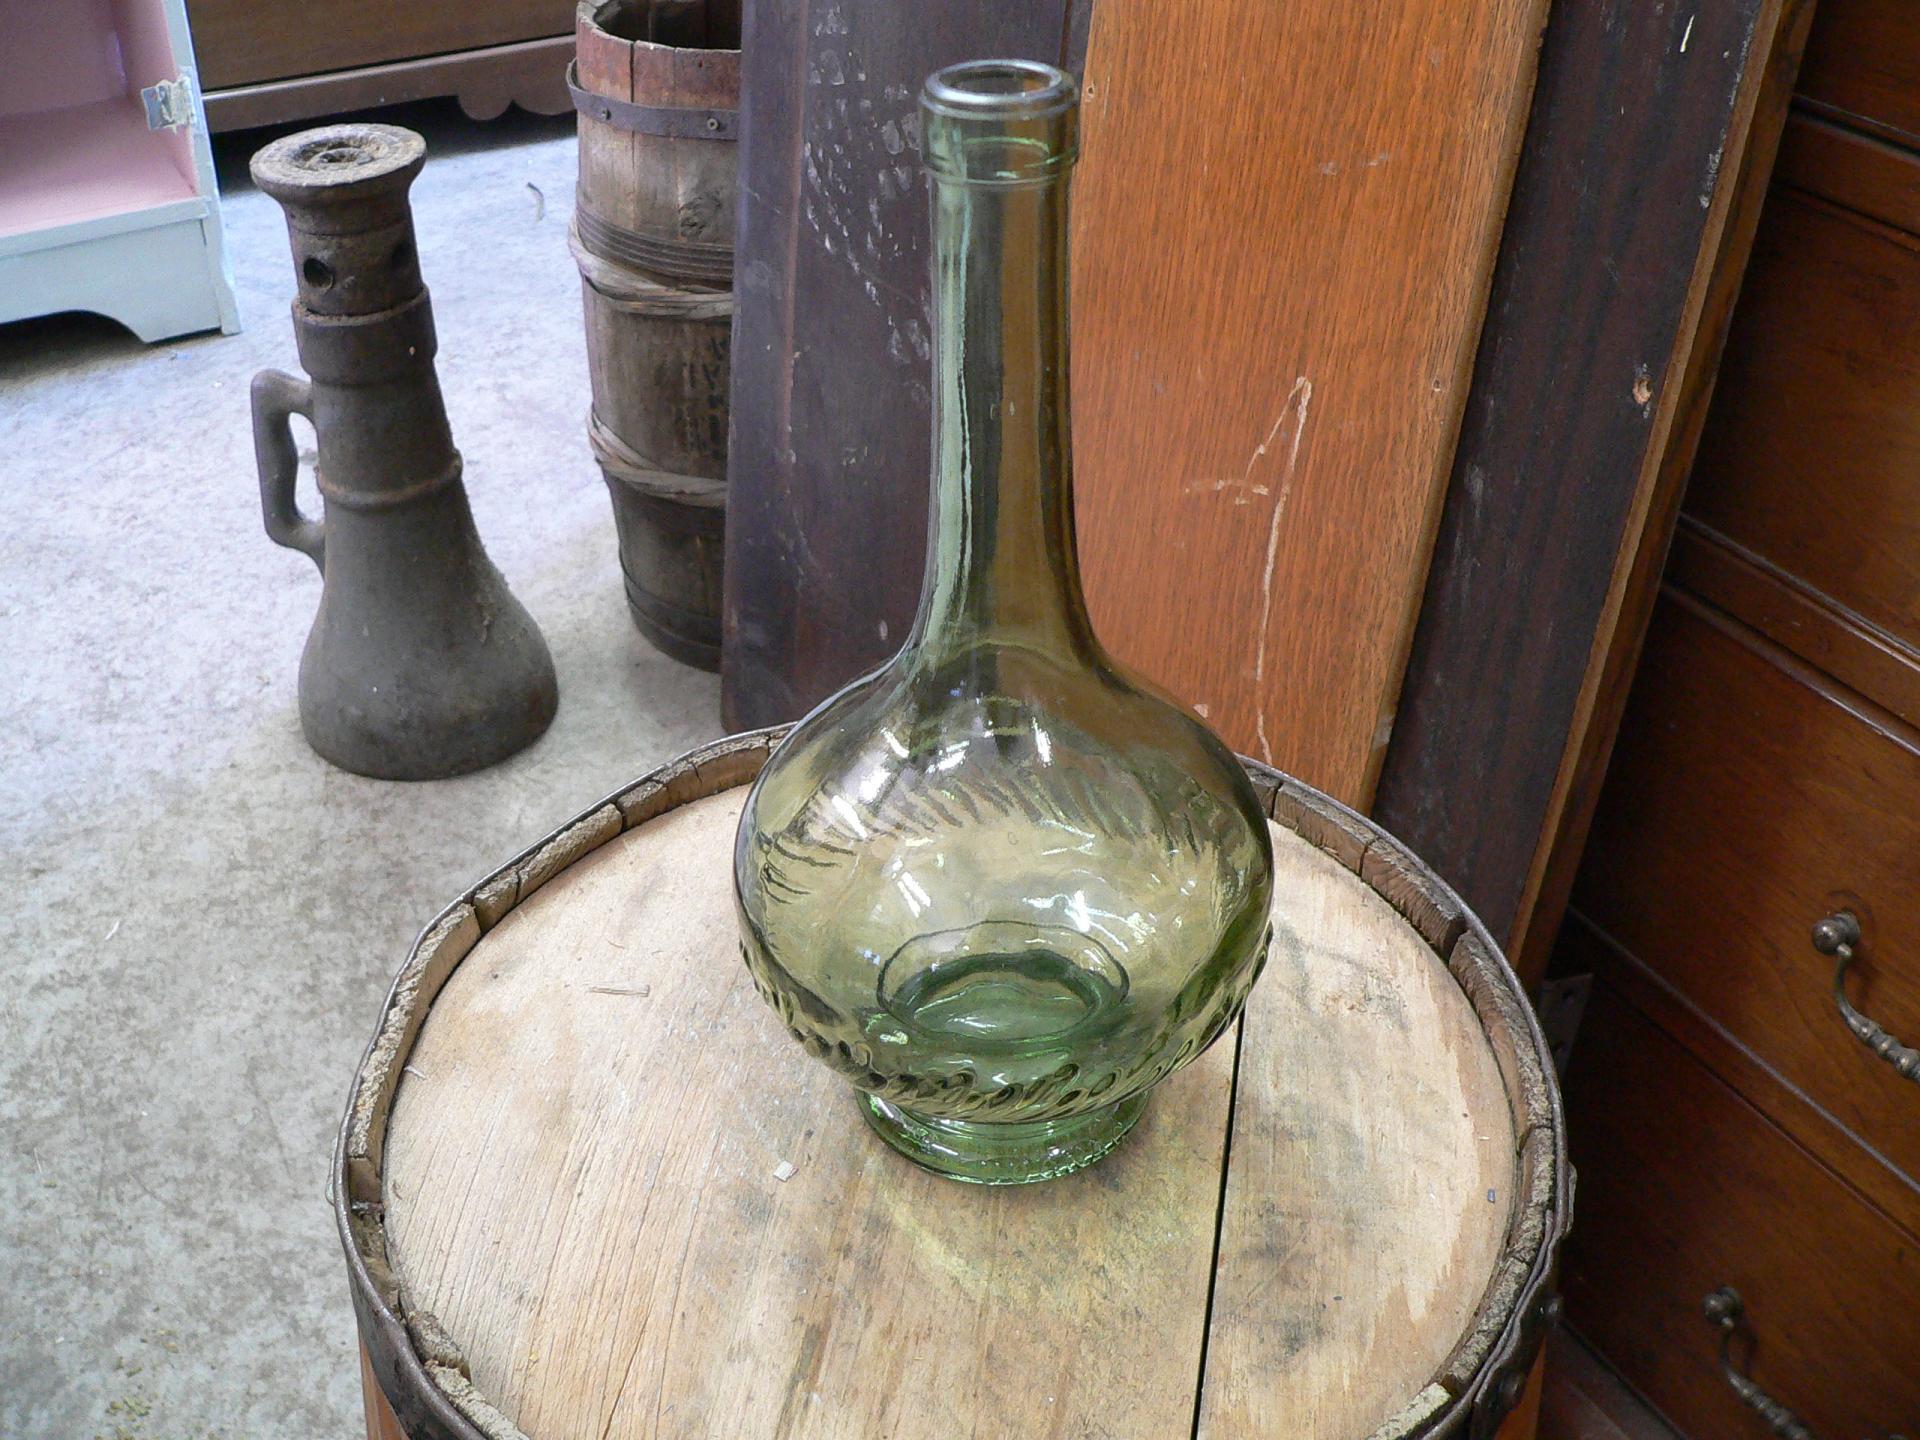 bouteille de cognac # 5052.2